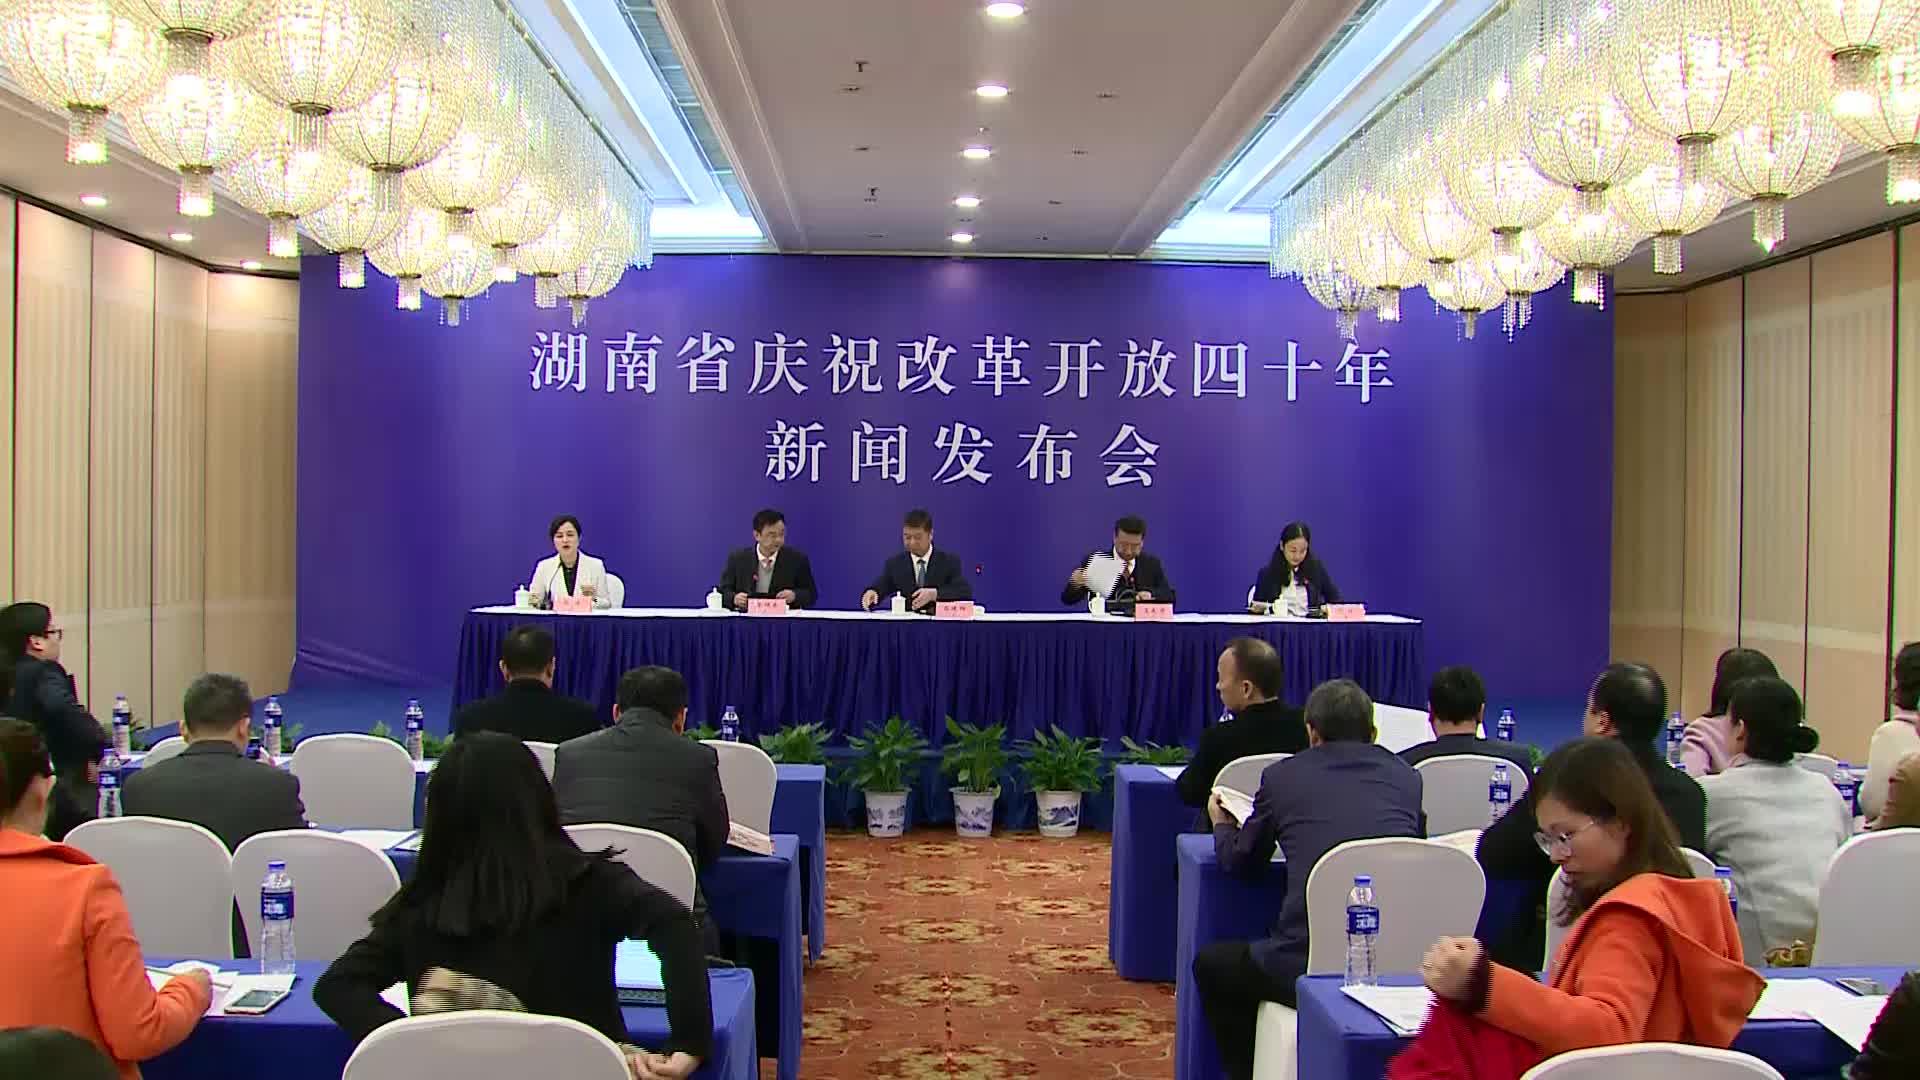 【全程回放】湖南省庆祝改革开放四十年系列新闻发布会:改革开放40年来全省财税体制改革发展成就